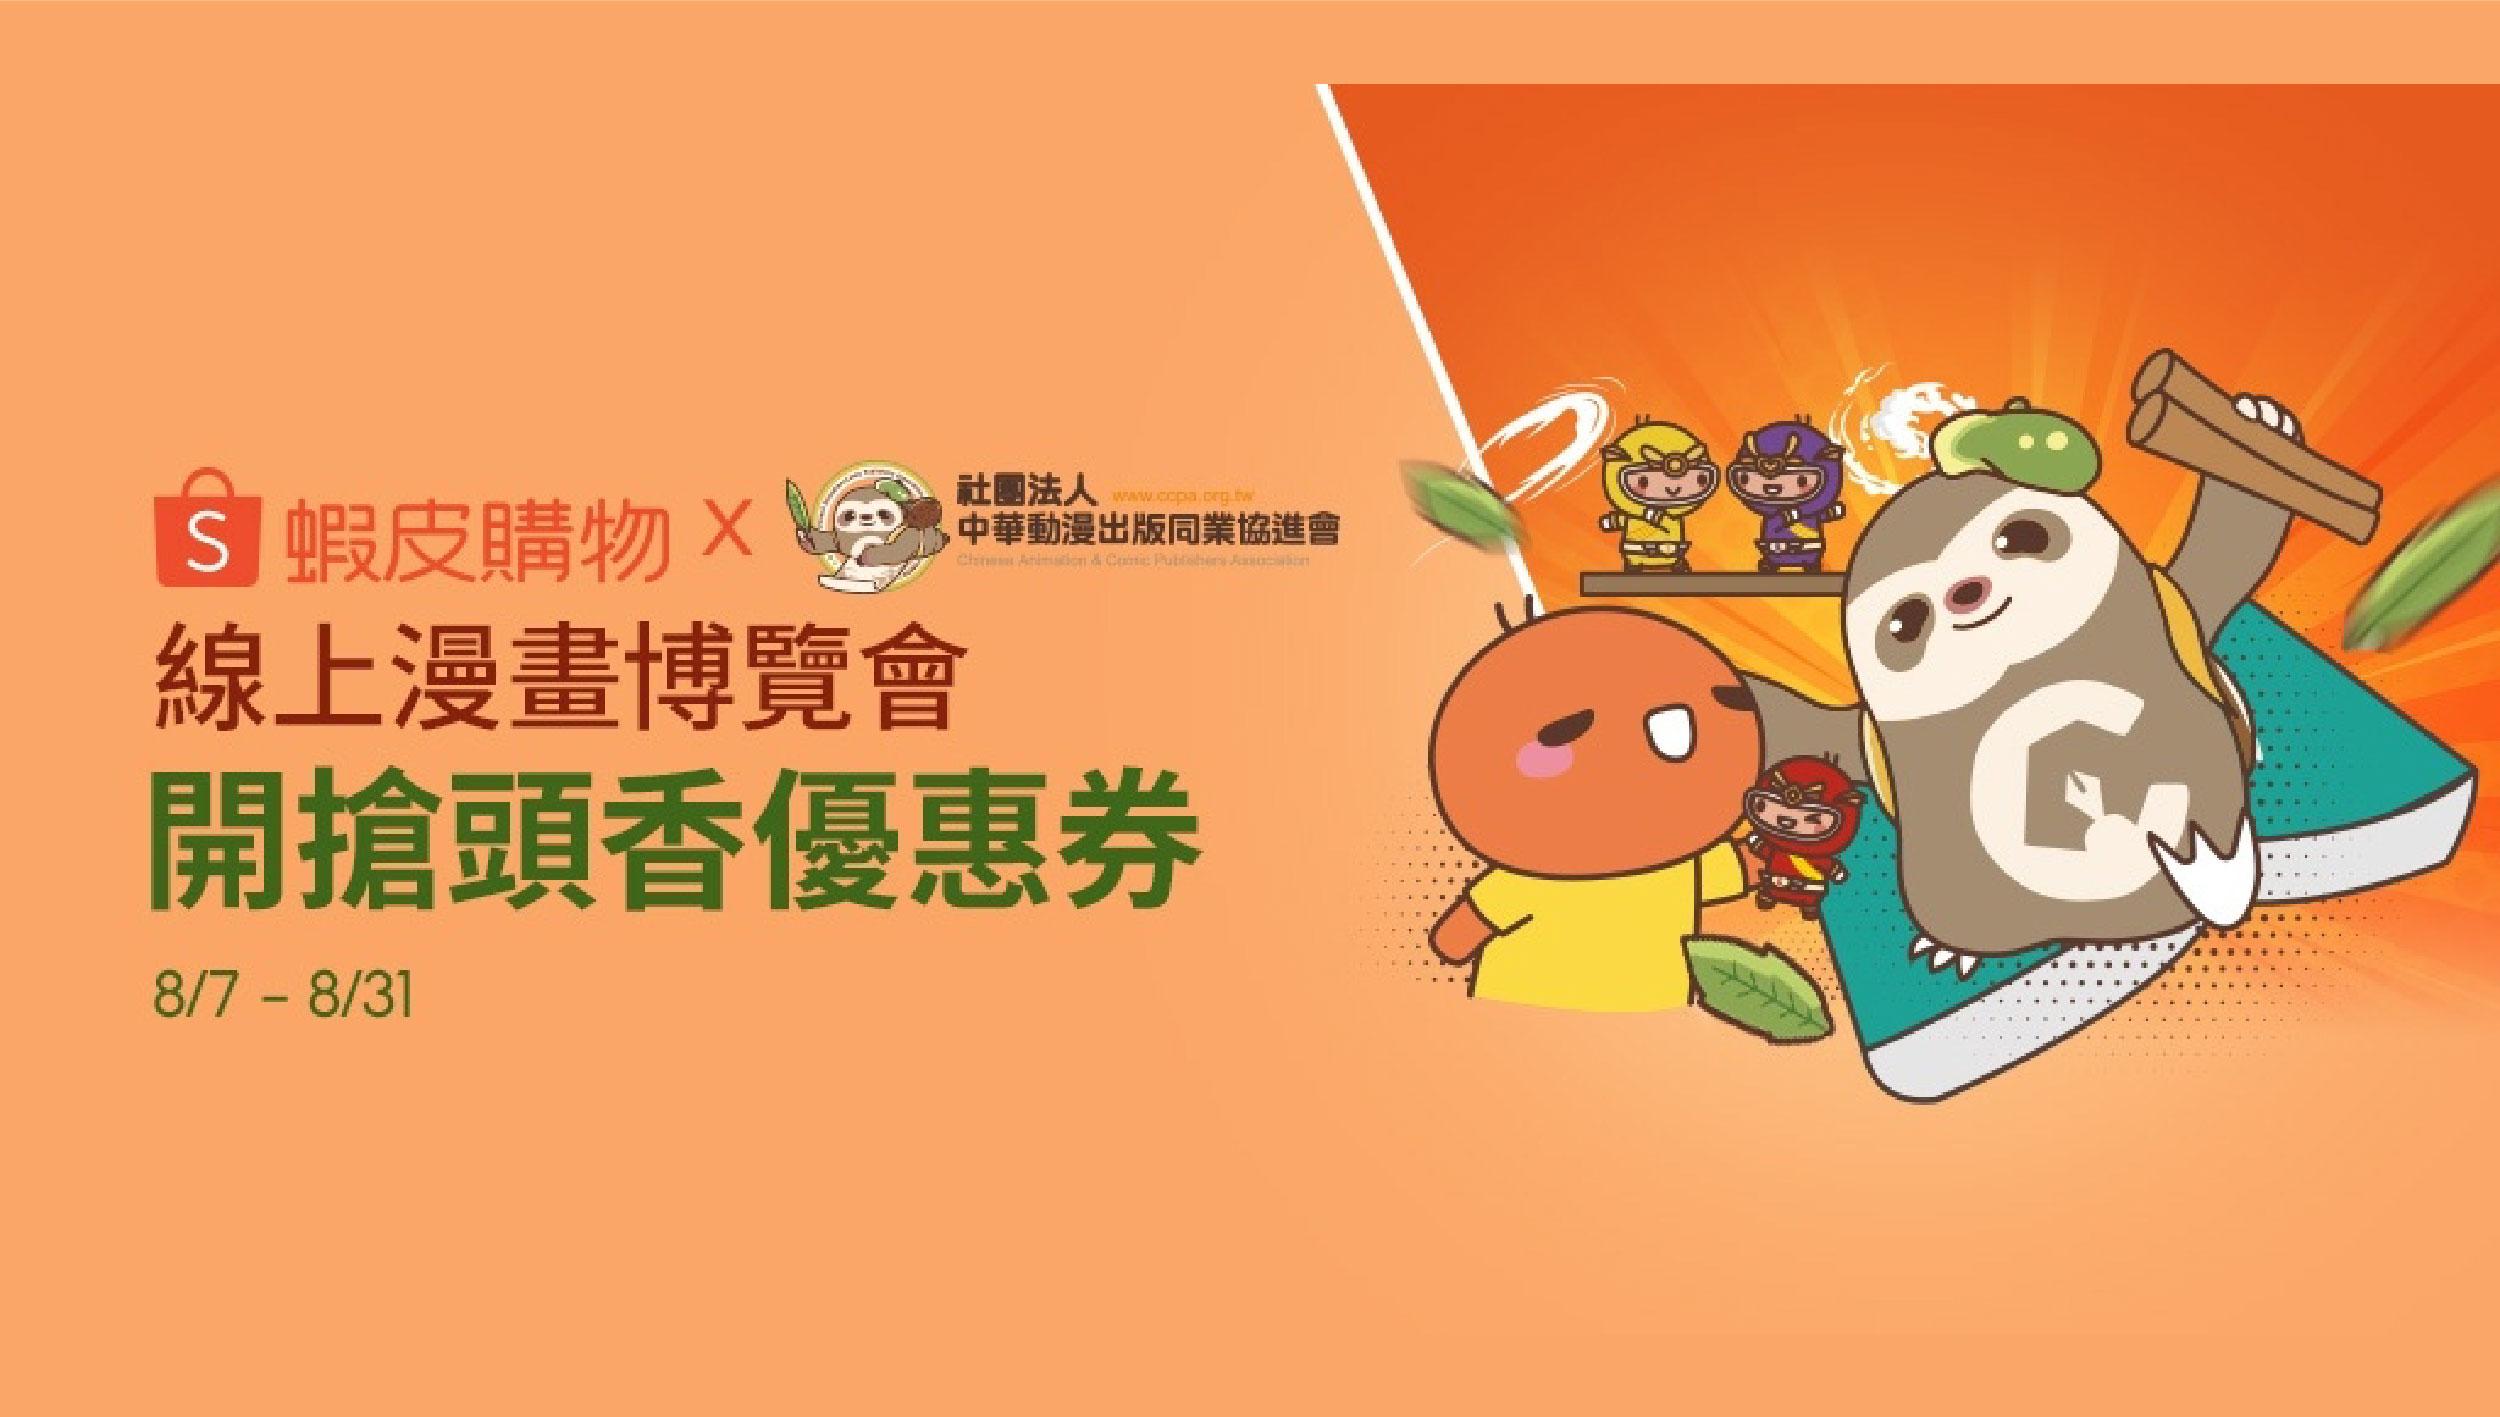 2021 線上漫畫博覽會 8/7-8/31 蝦皮購物登場,週週看直播!優惠不間!